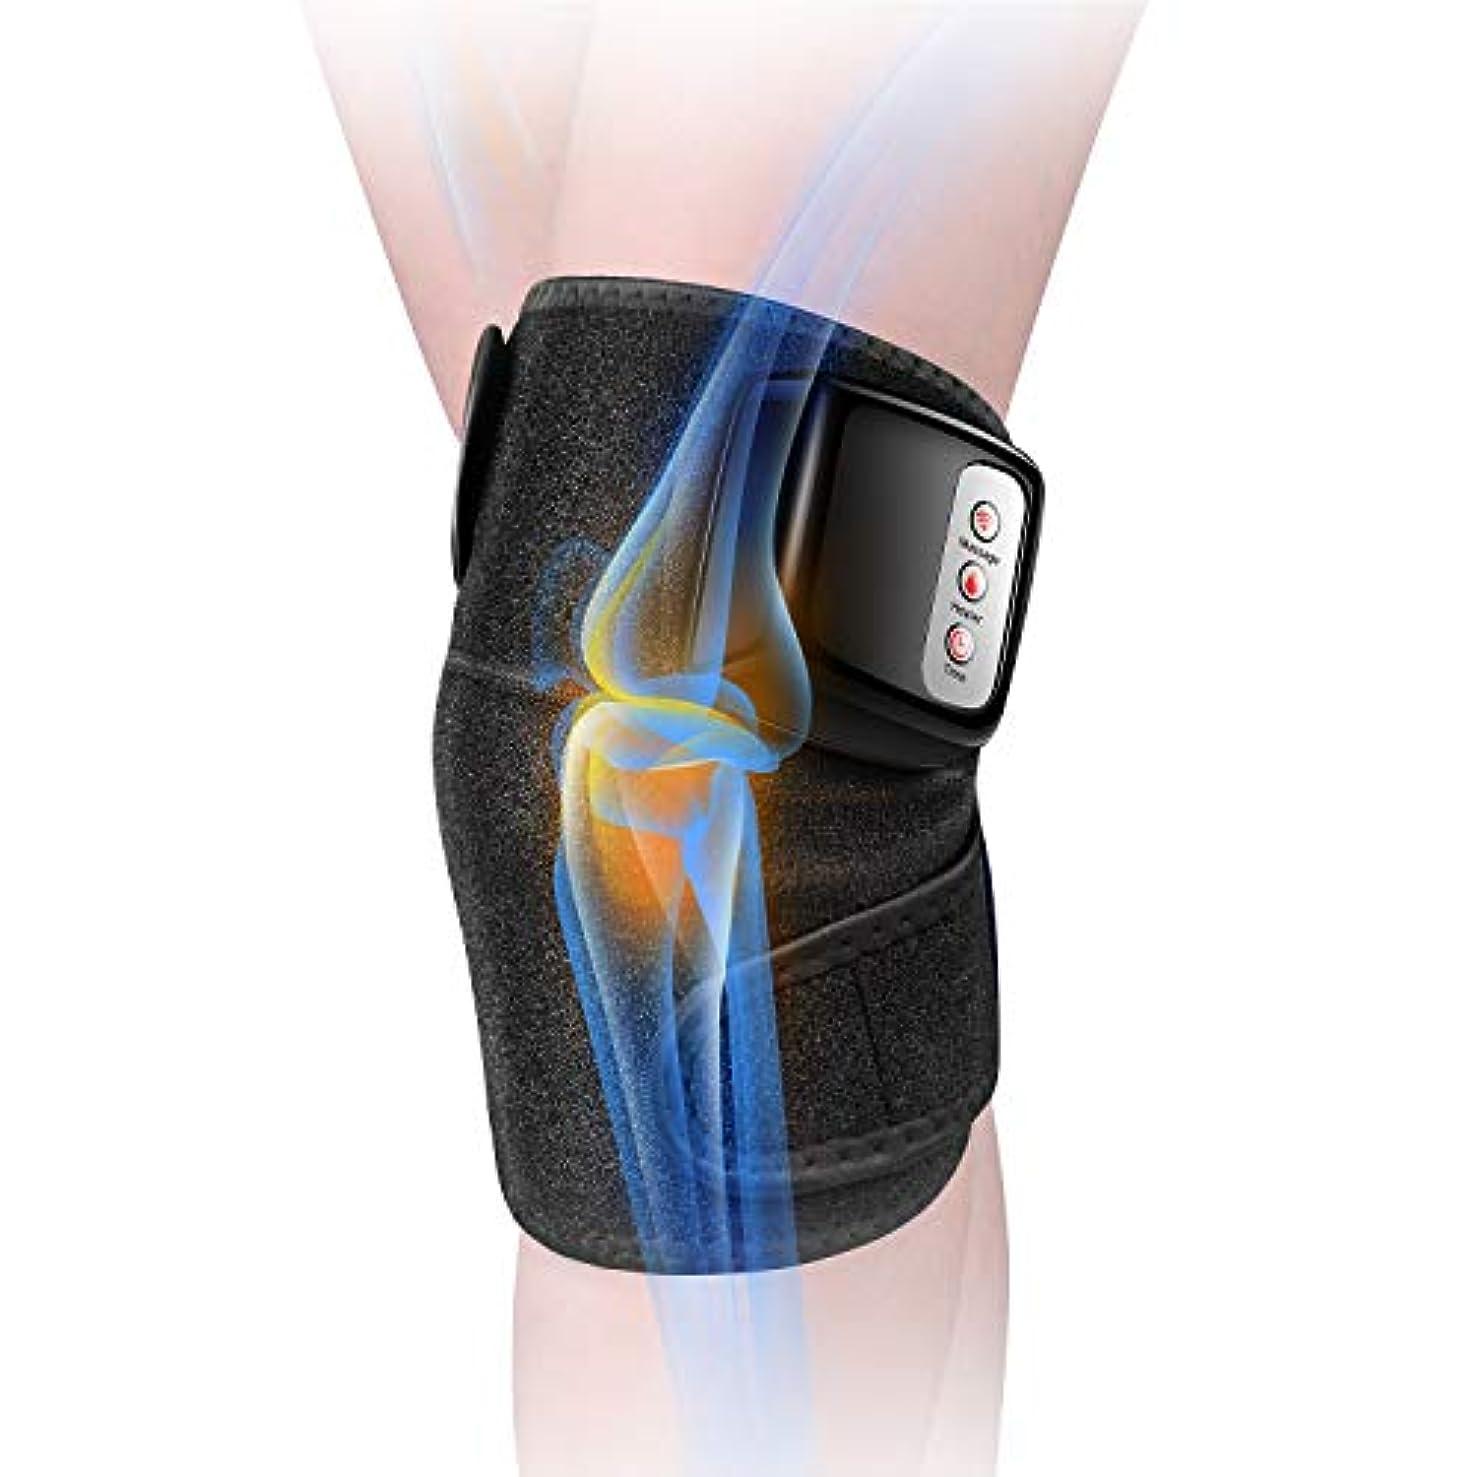 軸機械再編成する膝マッサージャー 関節マッサージャー マッサージ器 フットマッサージャー 振動 赤外線療法 温熱療法 膝サポーター ストレス解消 肩 太もも/腕対応